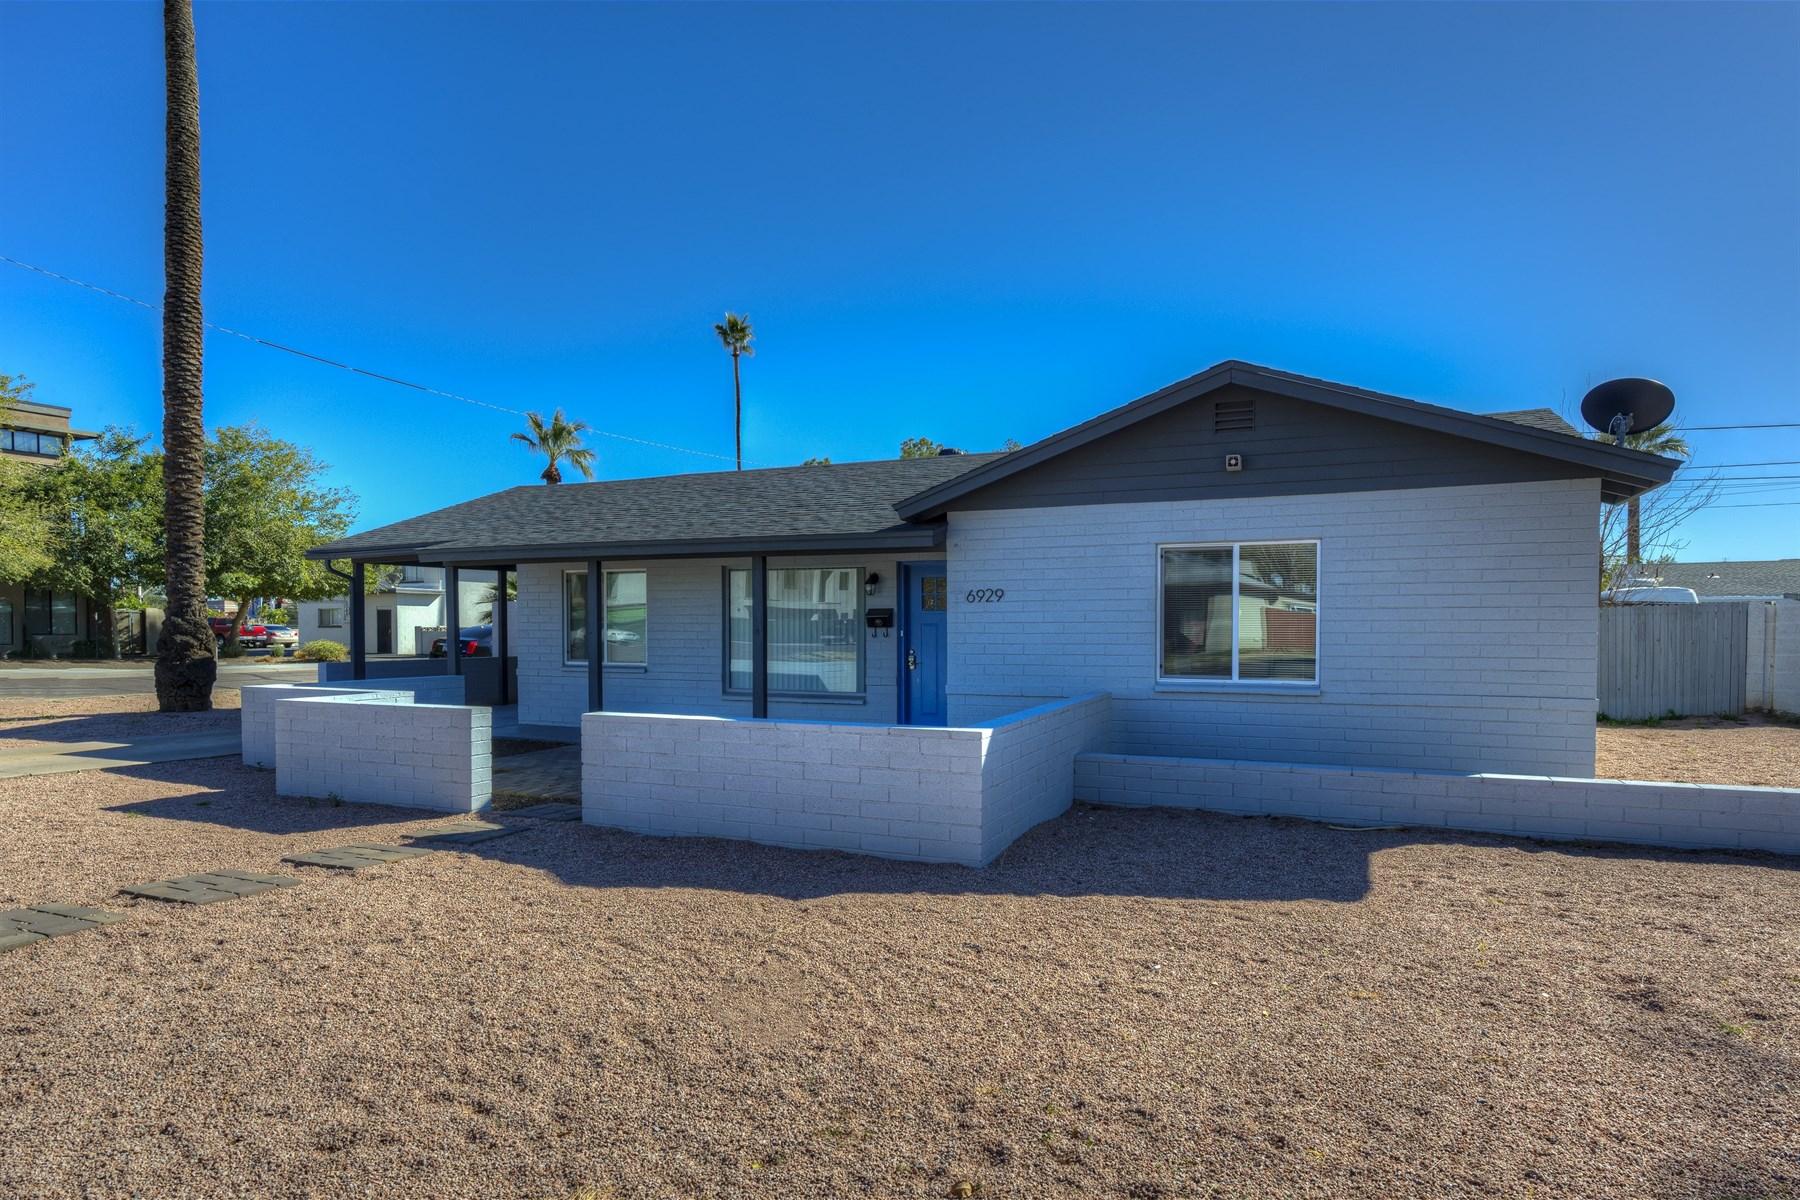 一戸建て のために 売買 アット Absolute must see located in the heart of Old Town Scottsdale 6929 E 6th St Scottsdale, アリゾナ, 85251 アメリカ合衆国